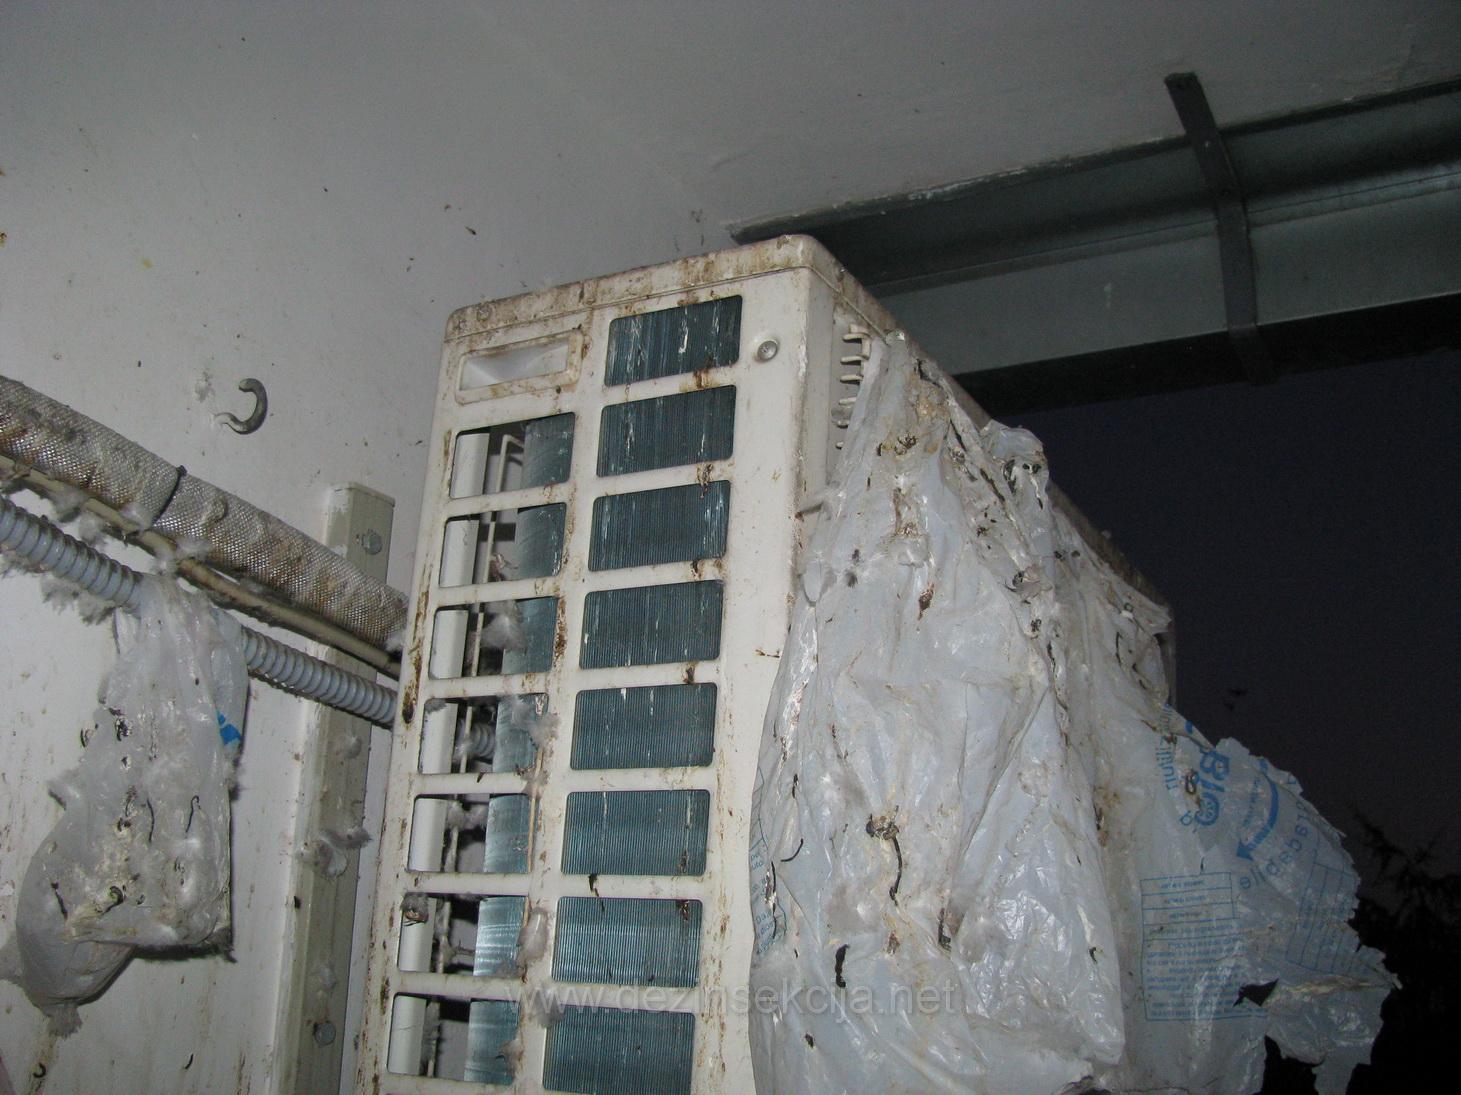 Primer sanitarne kontaminacije terasa od izmeta golubova.Klima uredjaj i kabl od klime je u totalno kontaminiran od izmeta golubova.Vlasnik stana na novom Beogradu sa cijom dozvolom je i napravljena ova fotografija je pozvao za hitnim resenjem.